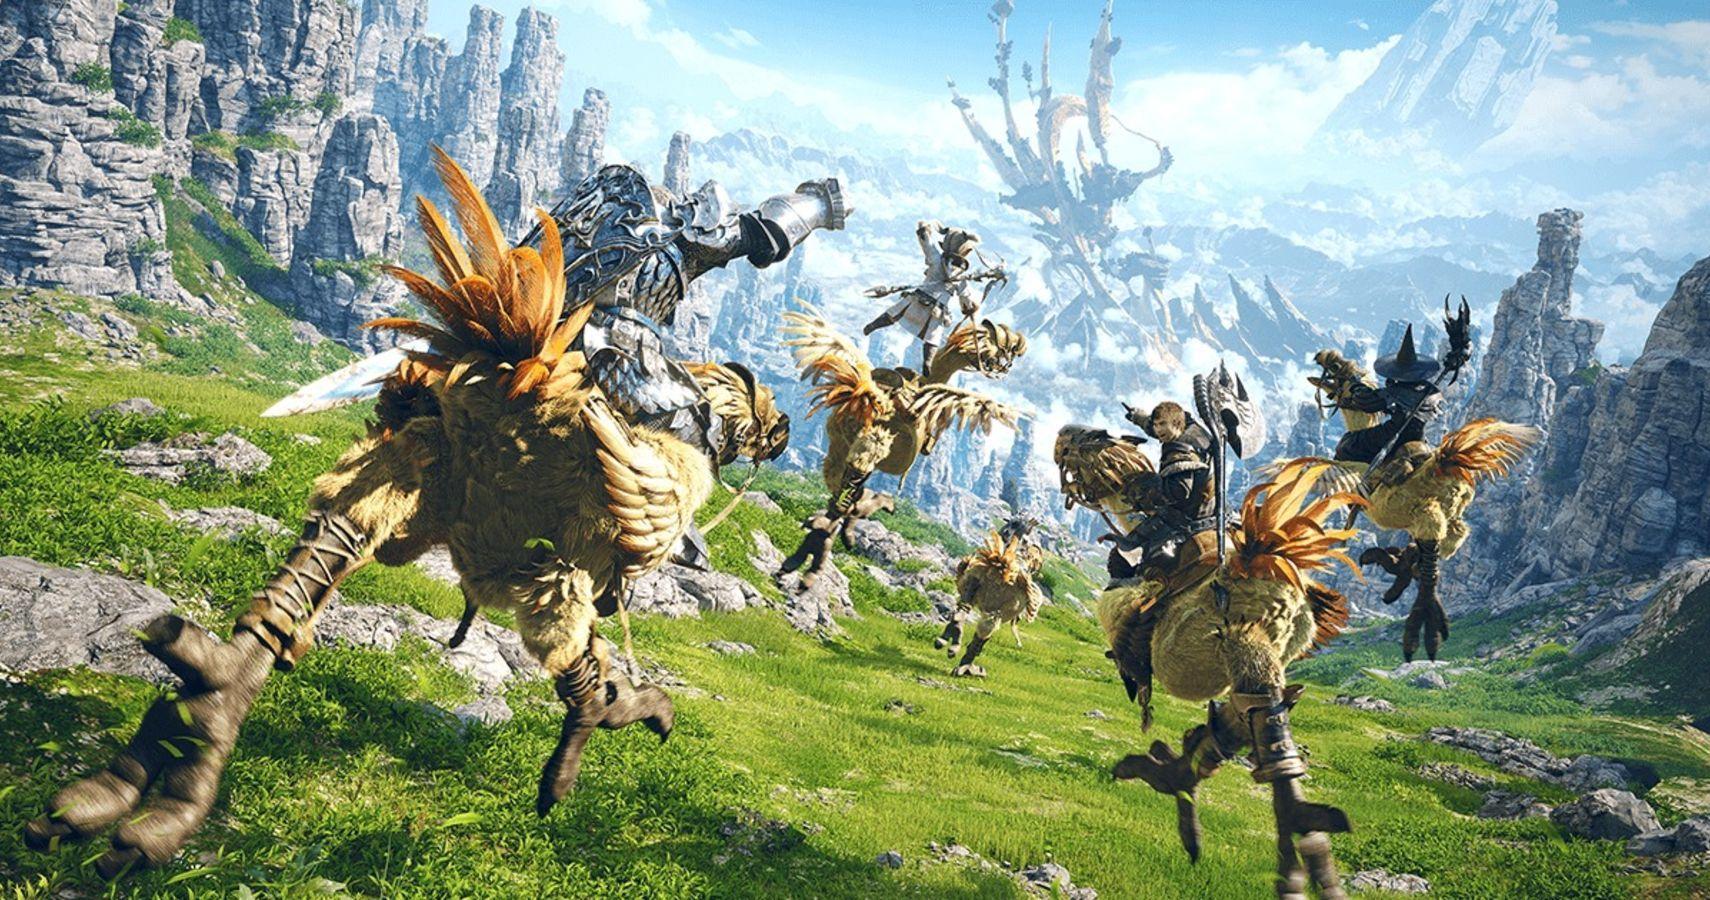 El tráiler de Final Fantasy 14: Endwalker muestra la jugabilidad de Reaper y Sage, GamersRD